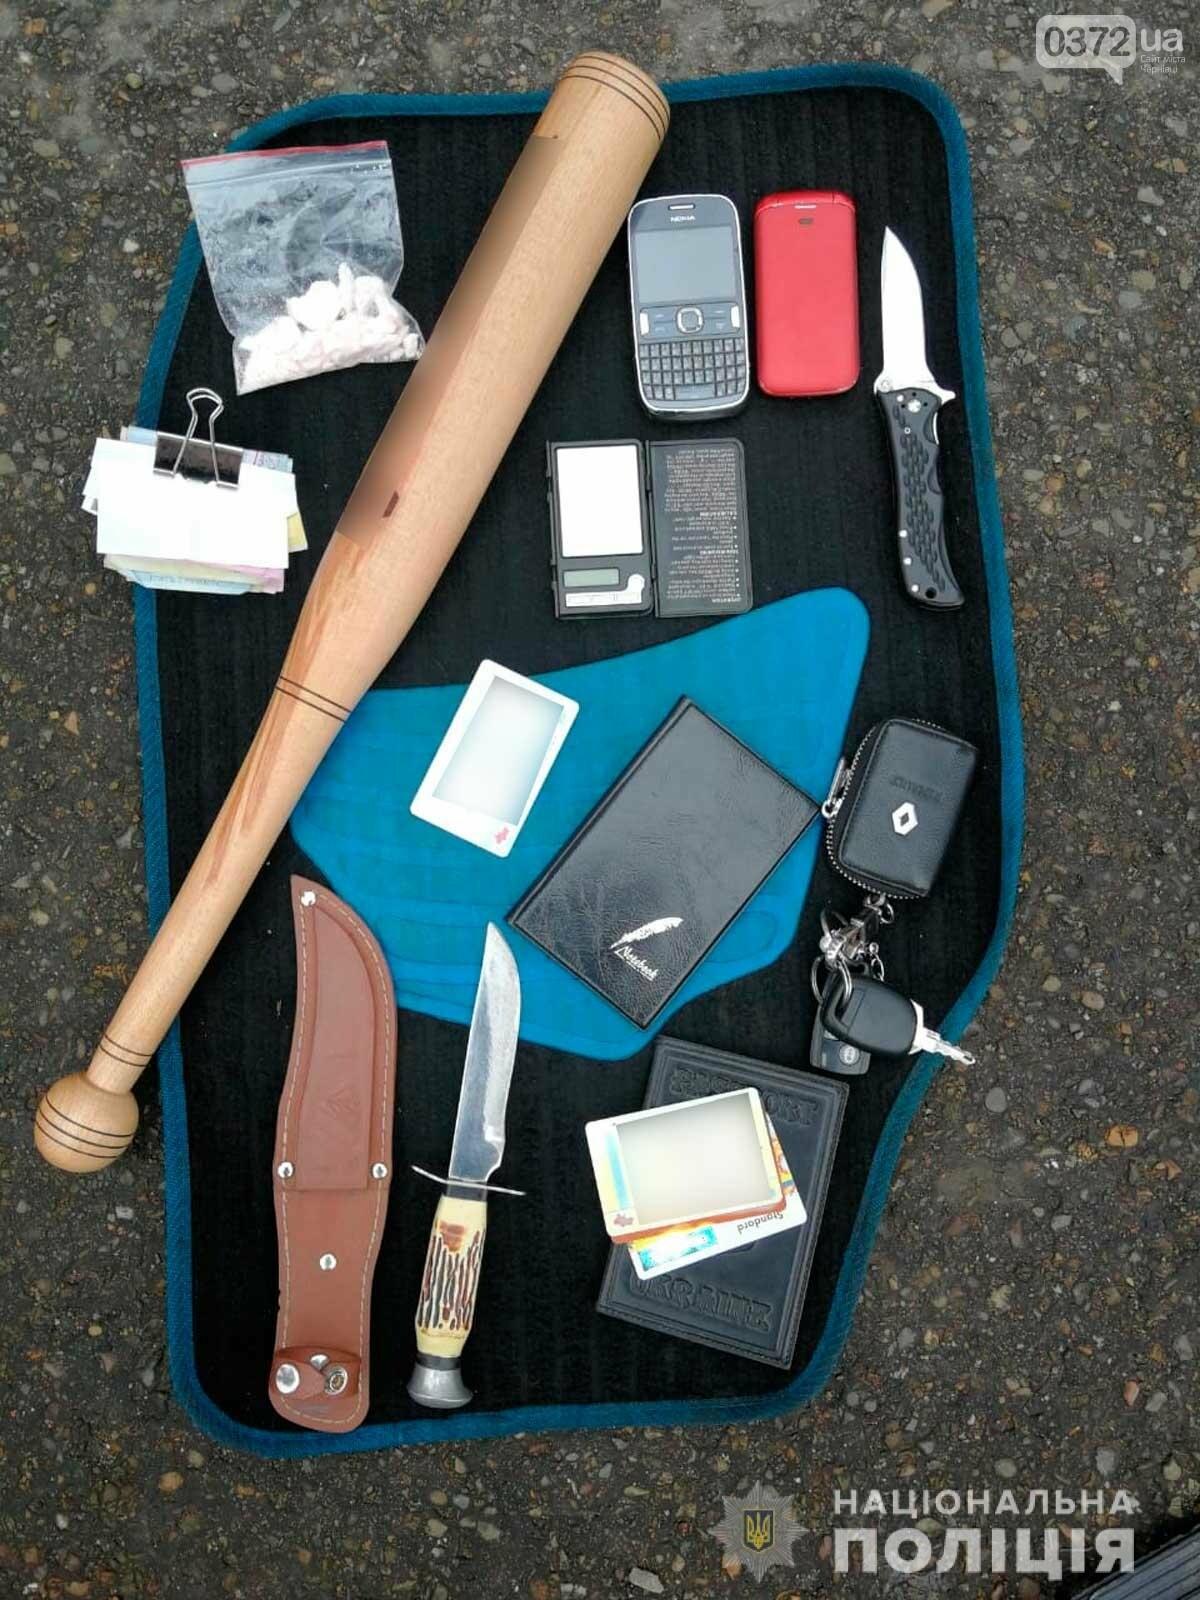 Буковинські поліцейські затримали групу наркоторговців, фото-1